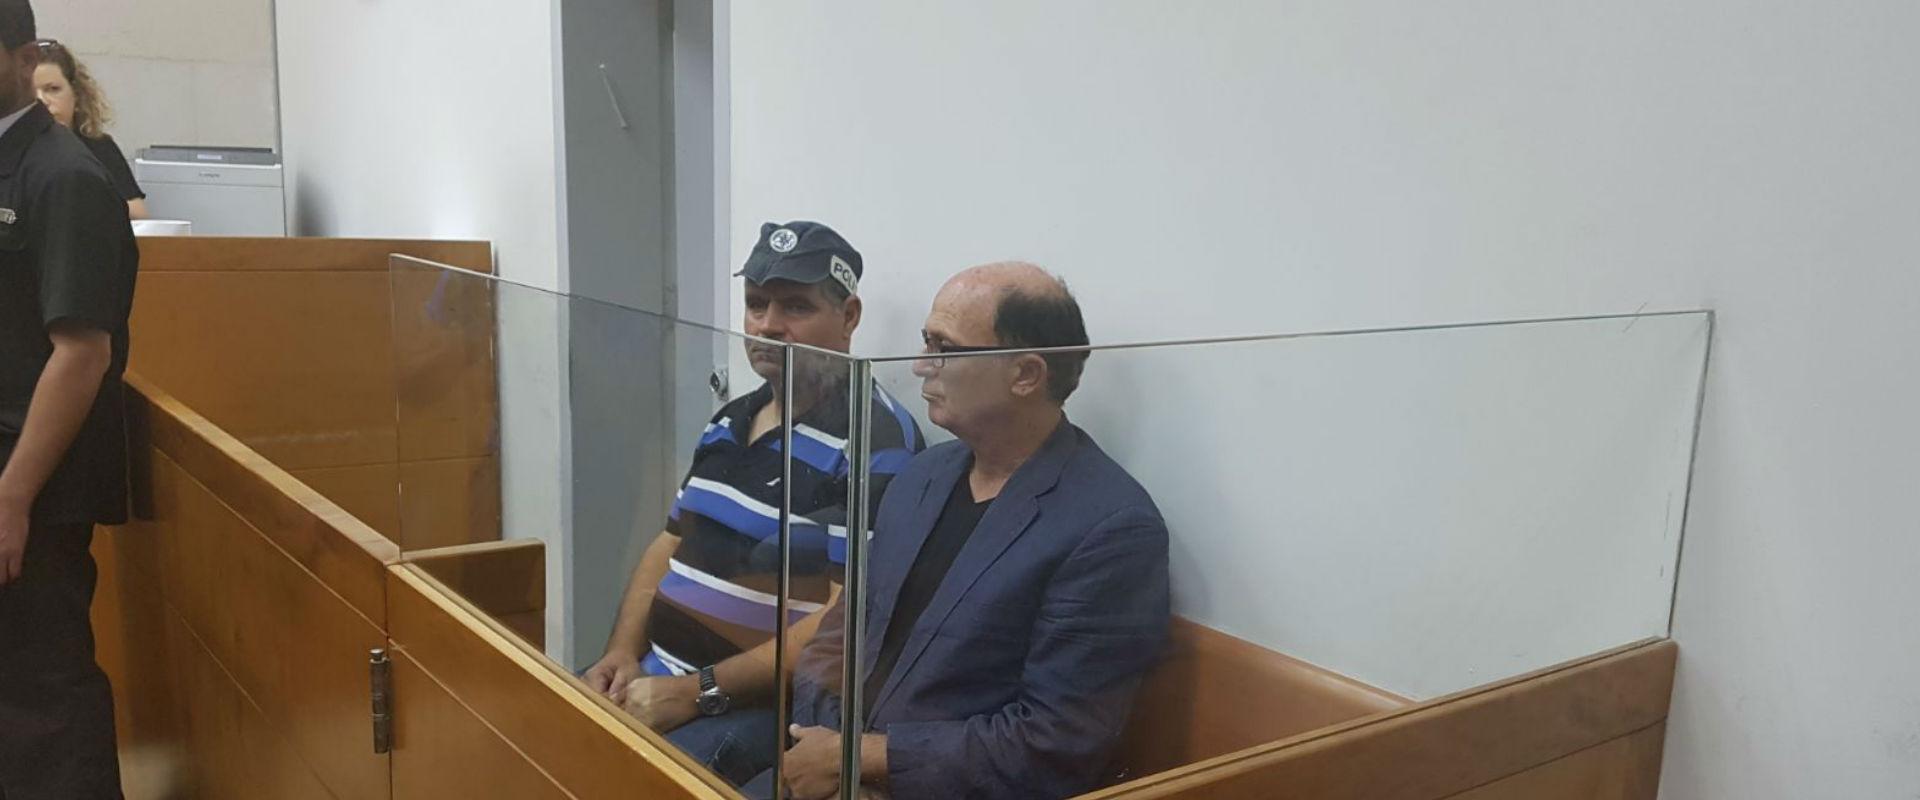 אבריאל בר יוסף, היום בבית המשפט